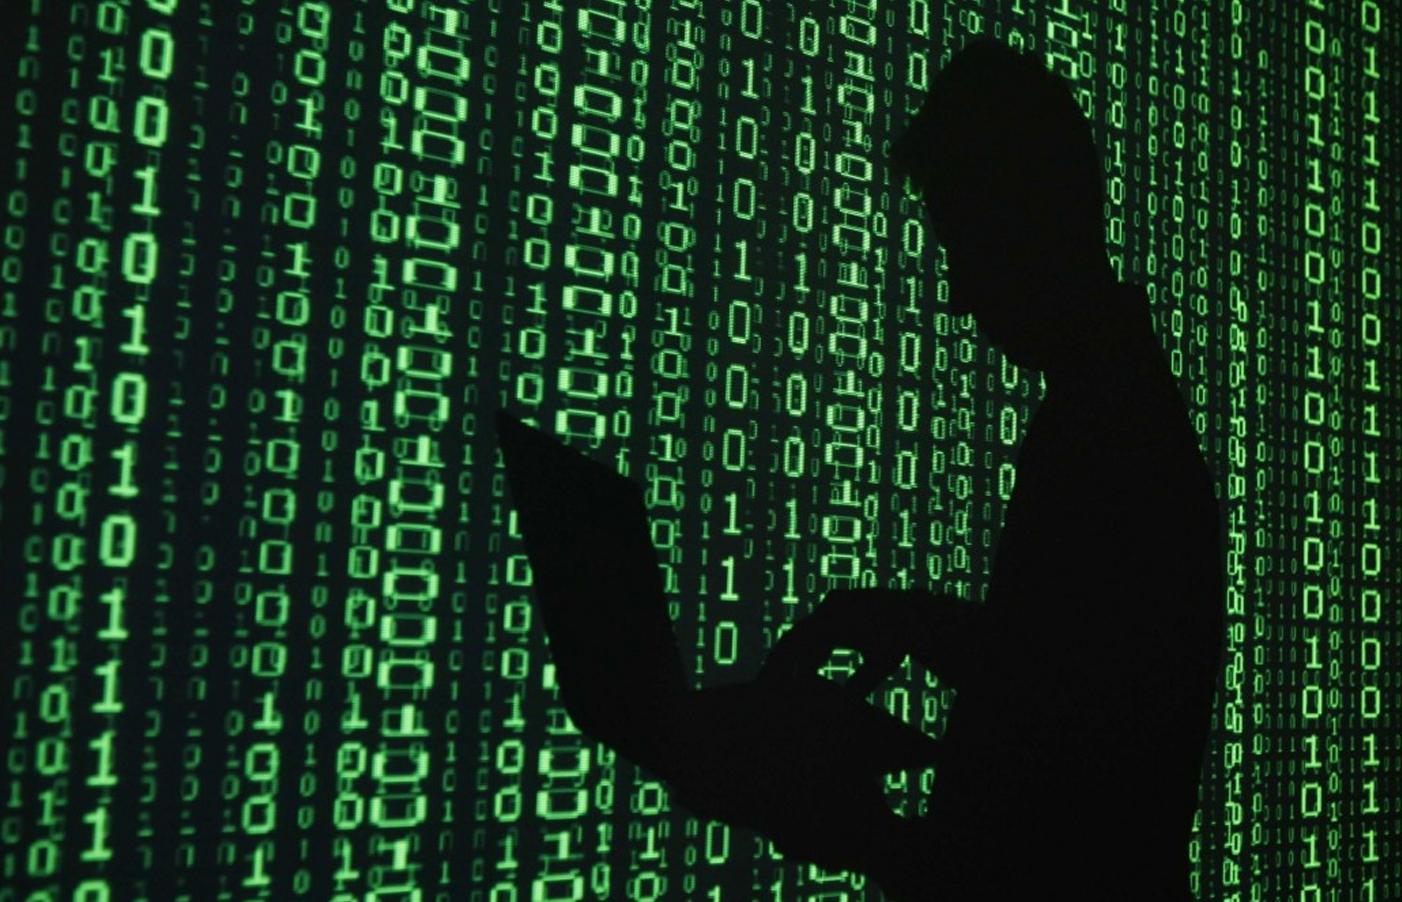 Mitos e verdades da informatica